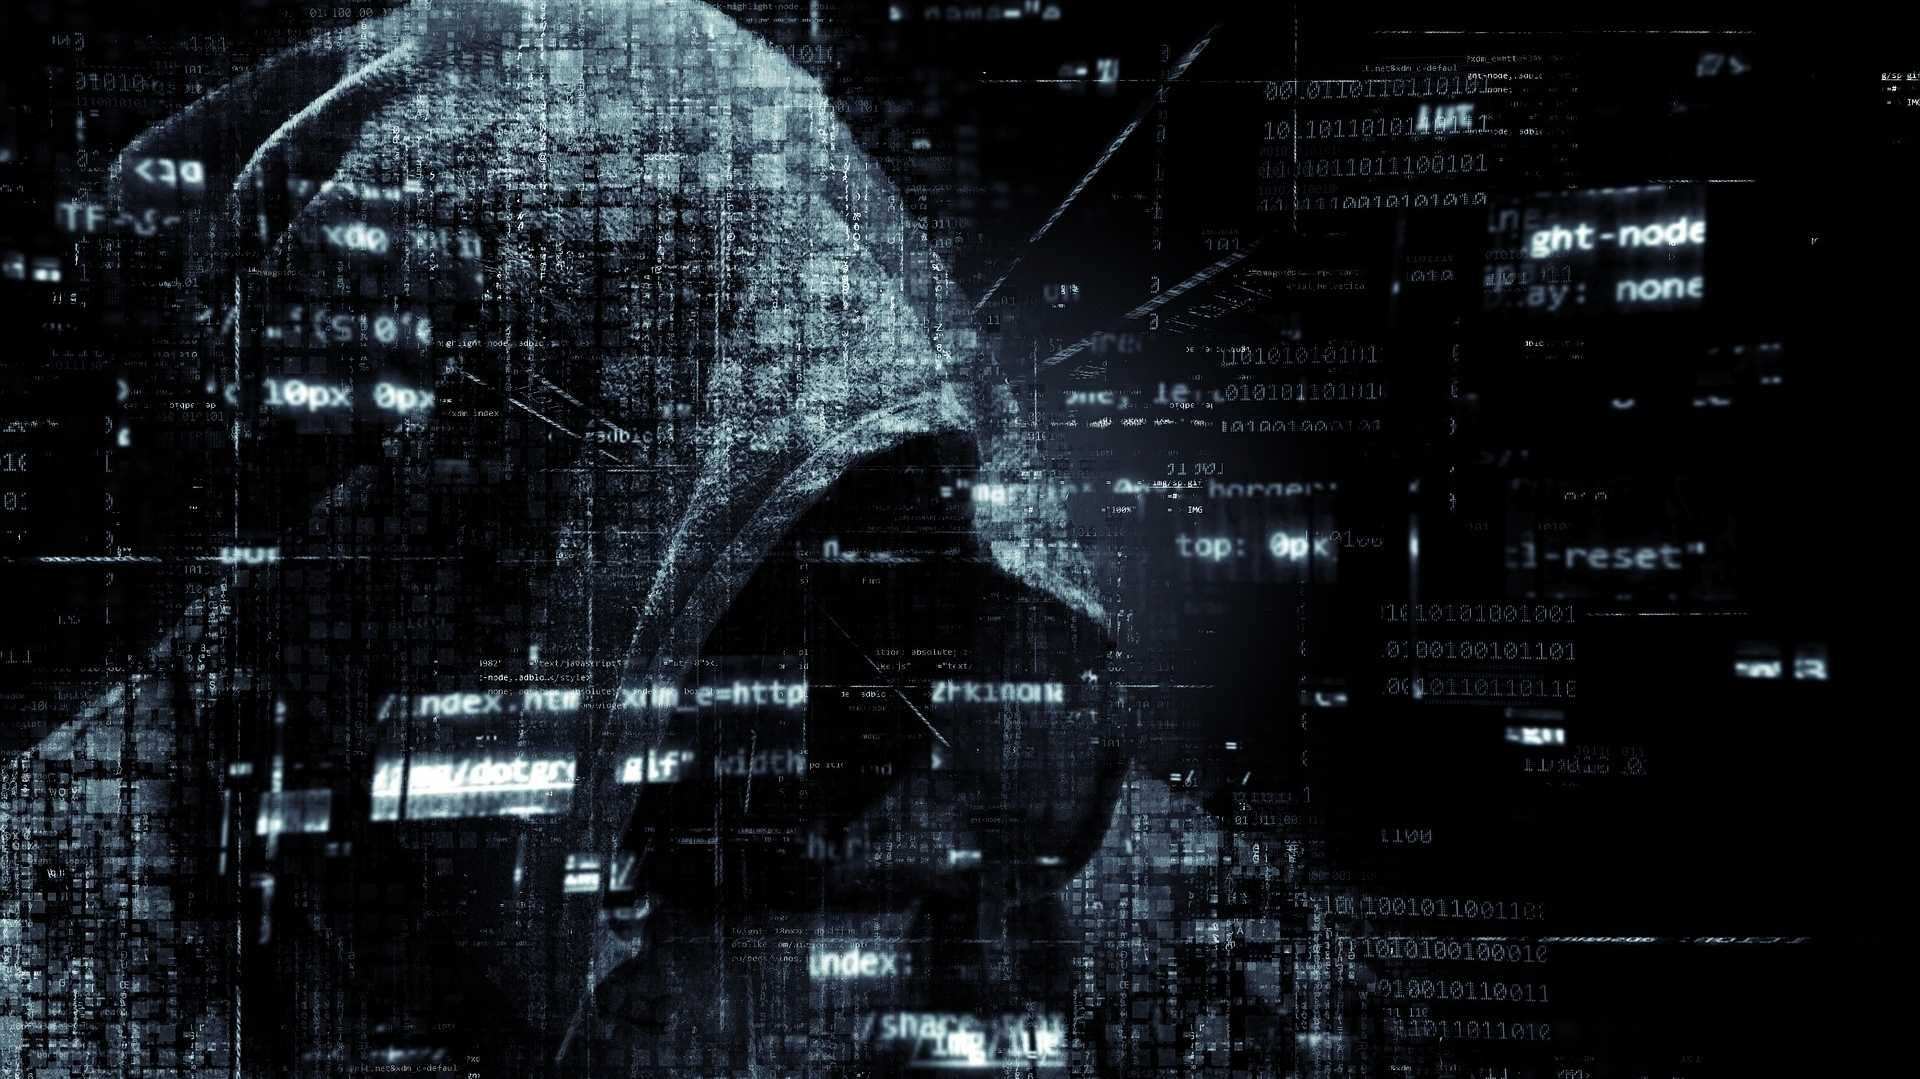 Atlanta: Kryptotorjaner trifft Stadtverwaltung